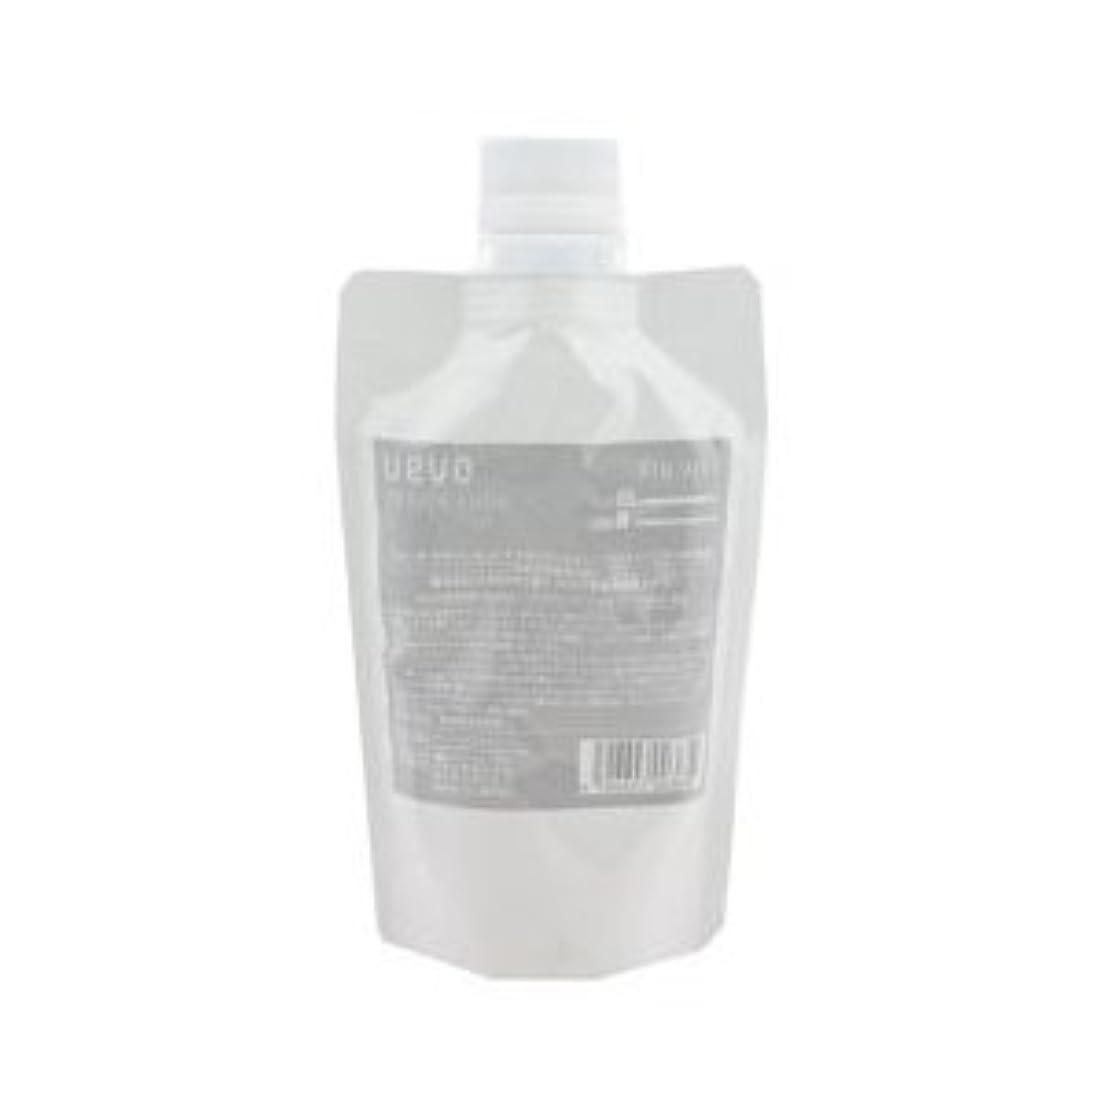 モートリー霧深い【X3個セット】 デミ ウェーボ デザインキューブ ドライワックス 200g 業務用 dry wax